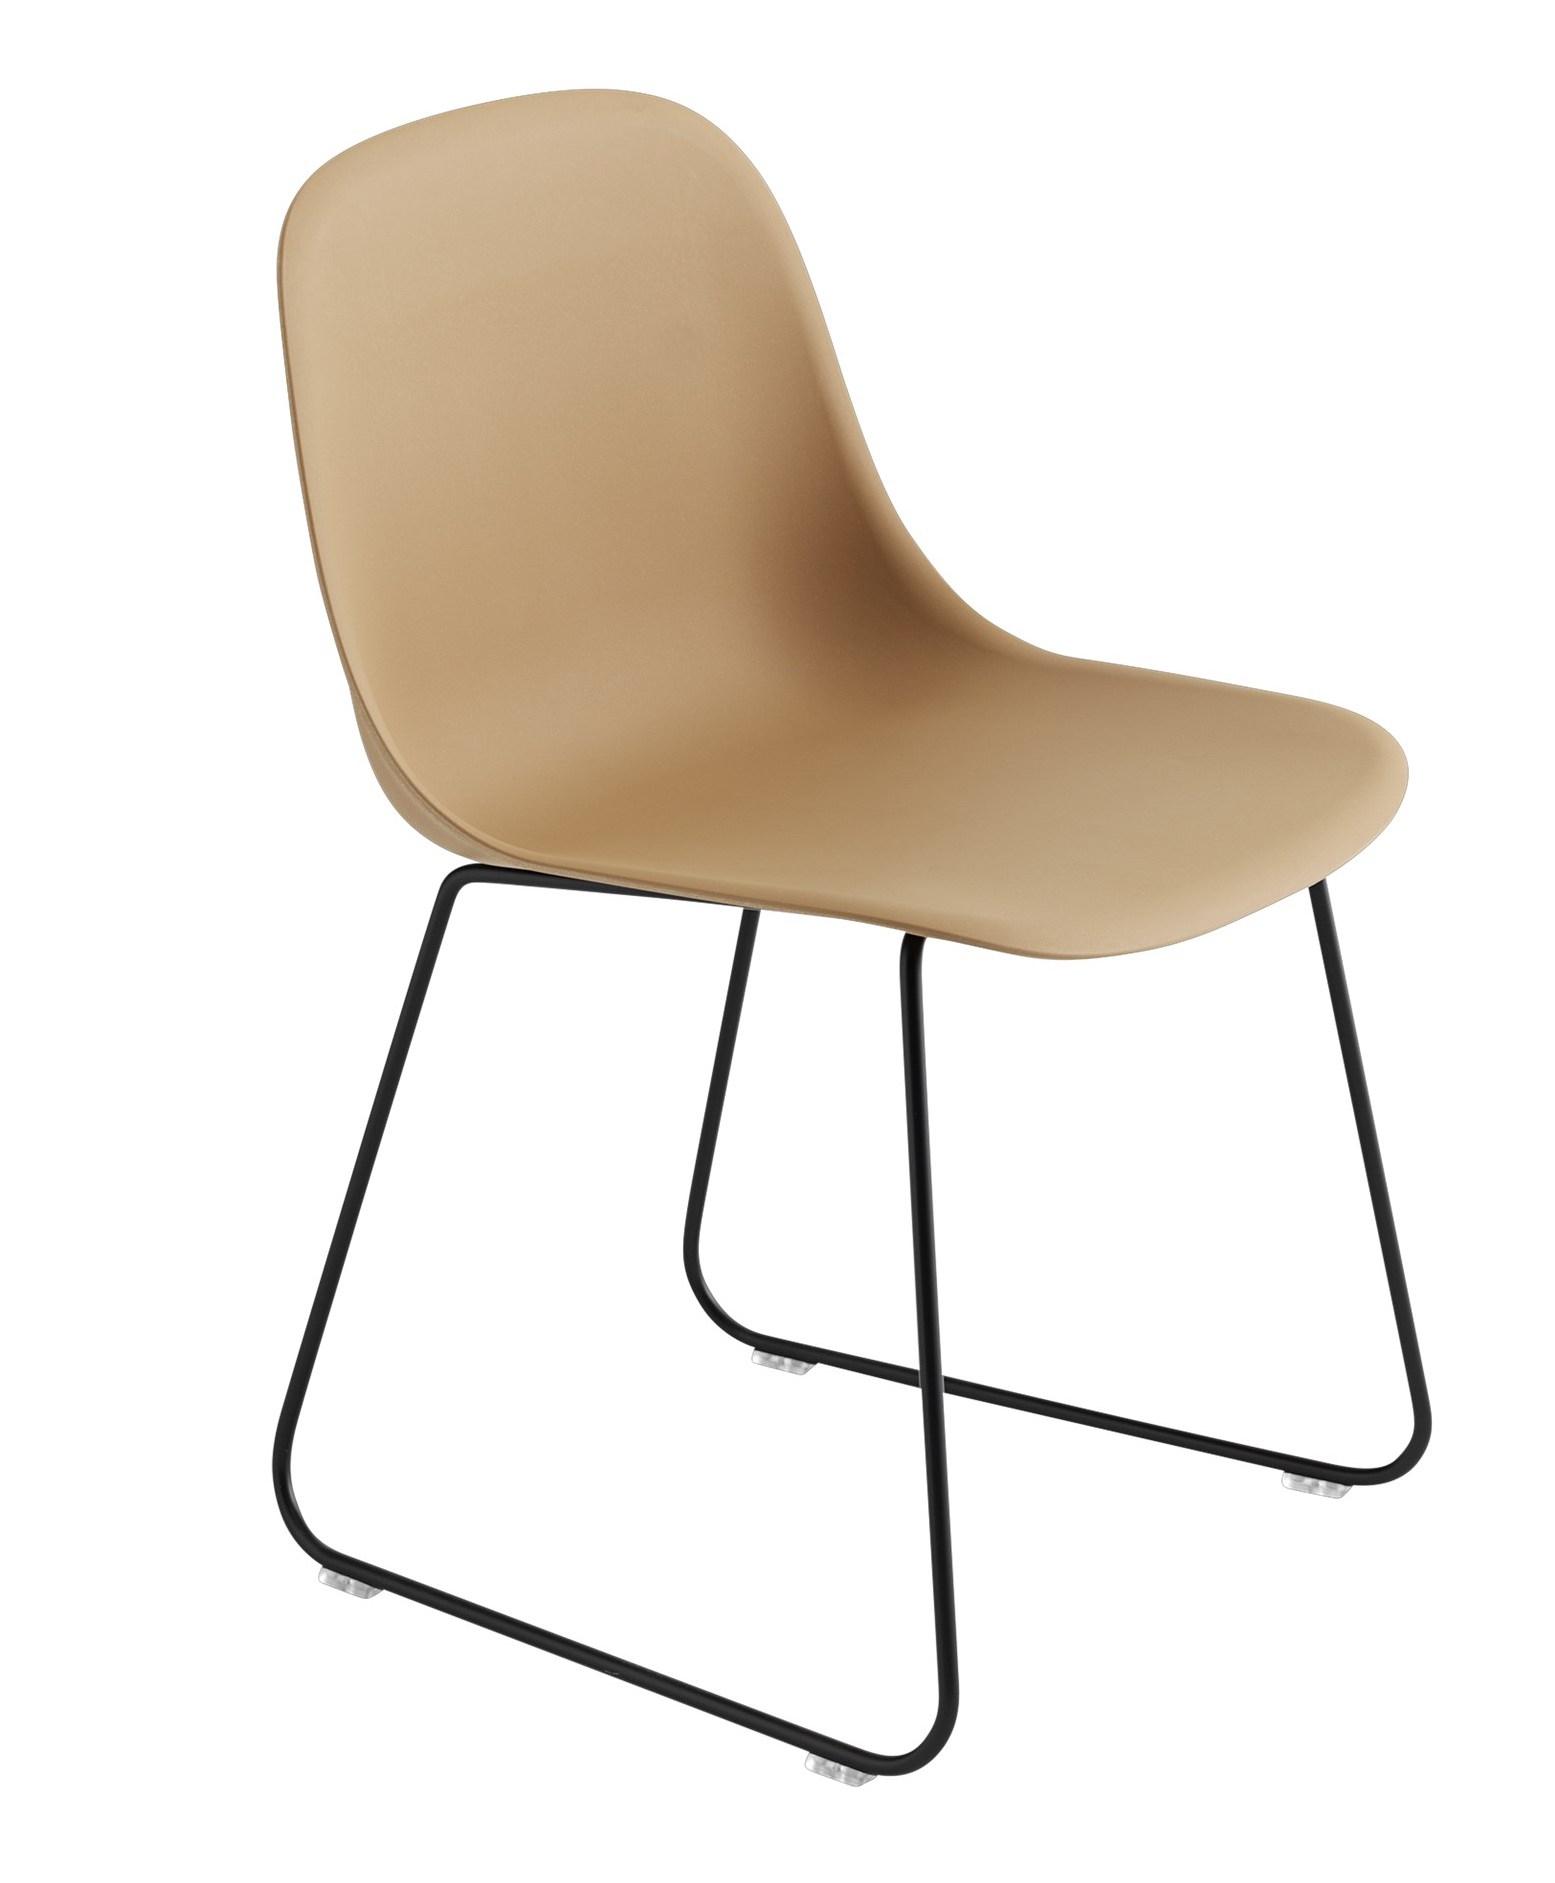 muuto Fiber Side Chair Sled Base ochre/ black